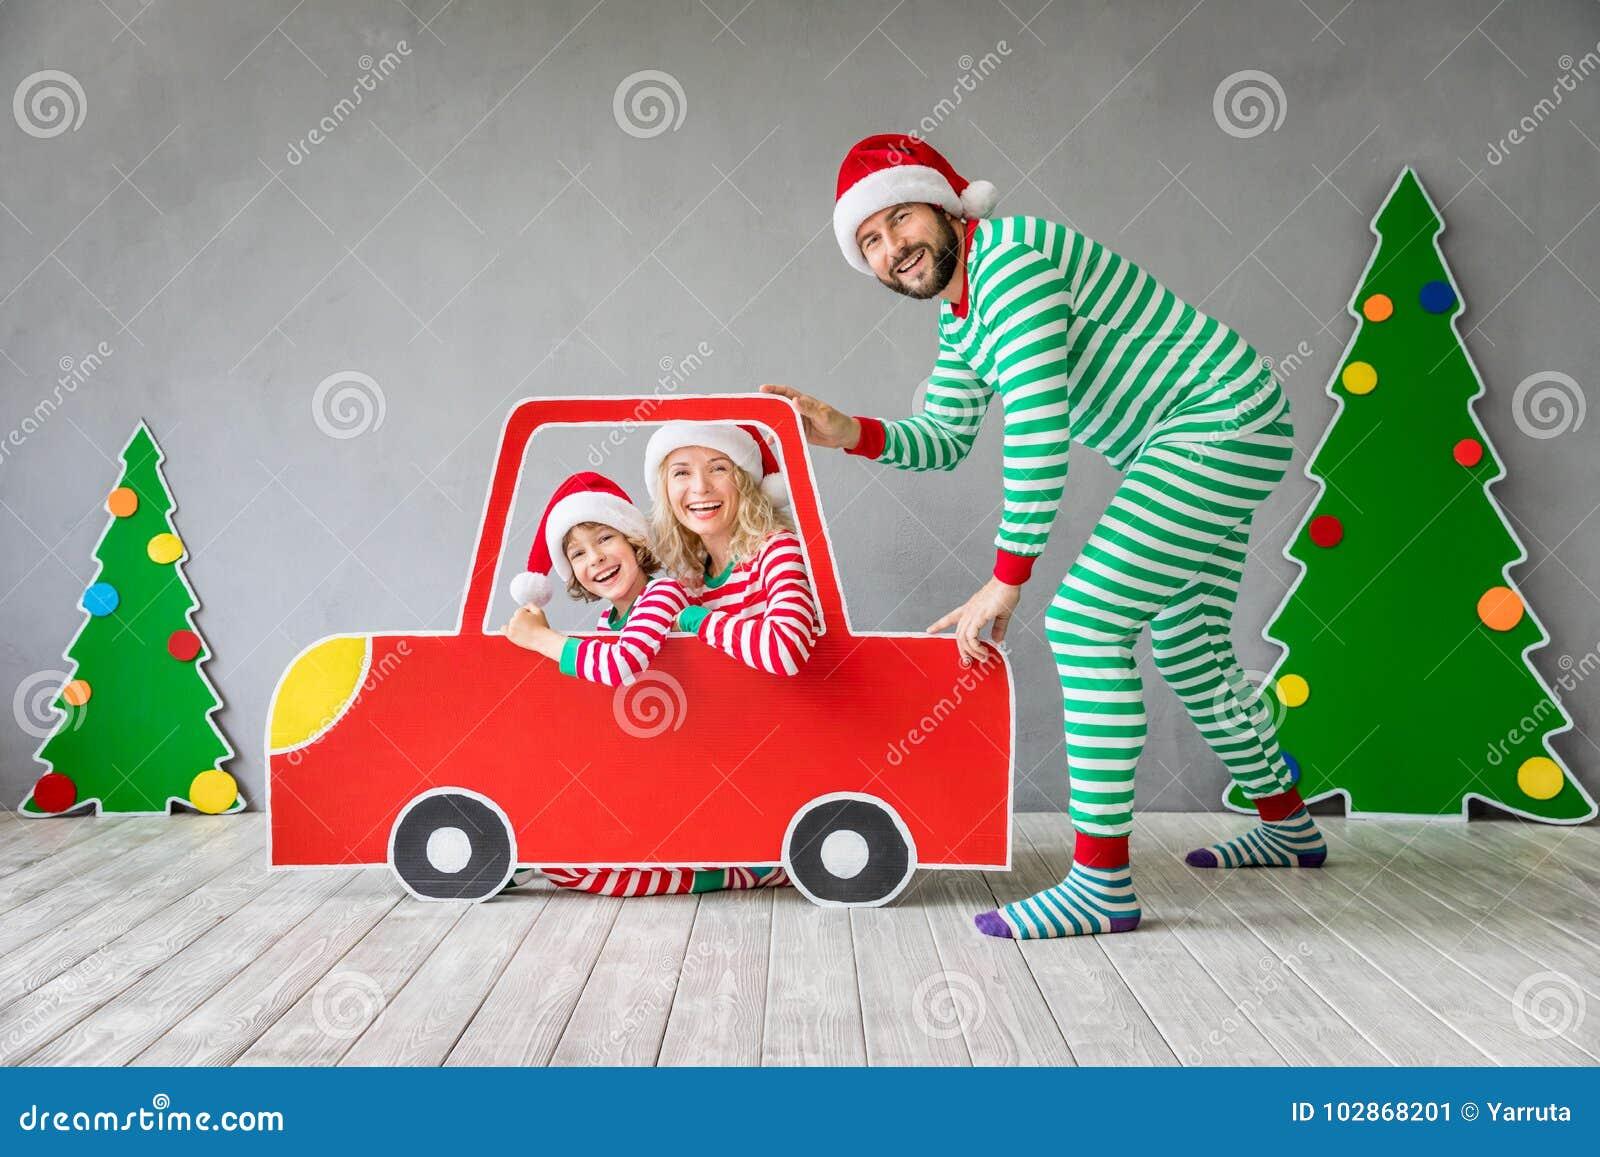 Glückliche Familie auf Weihnachtsabend